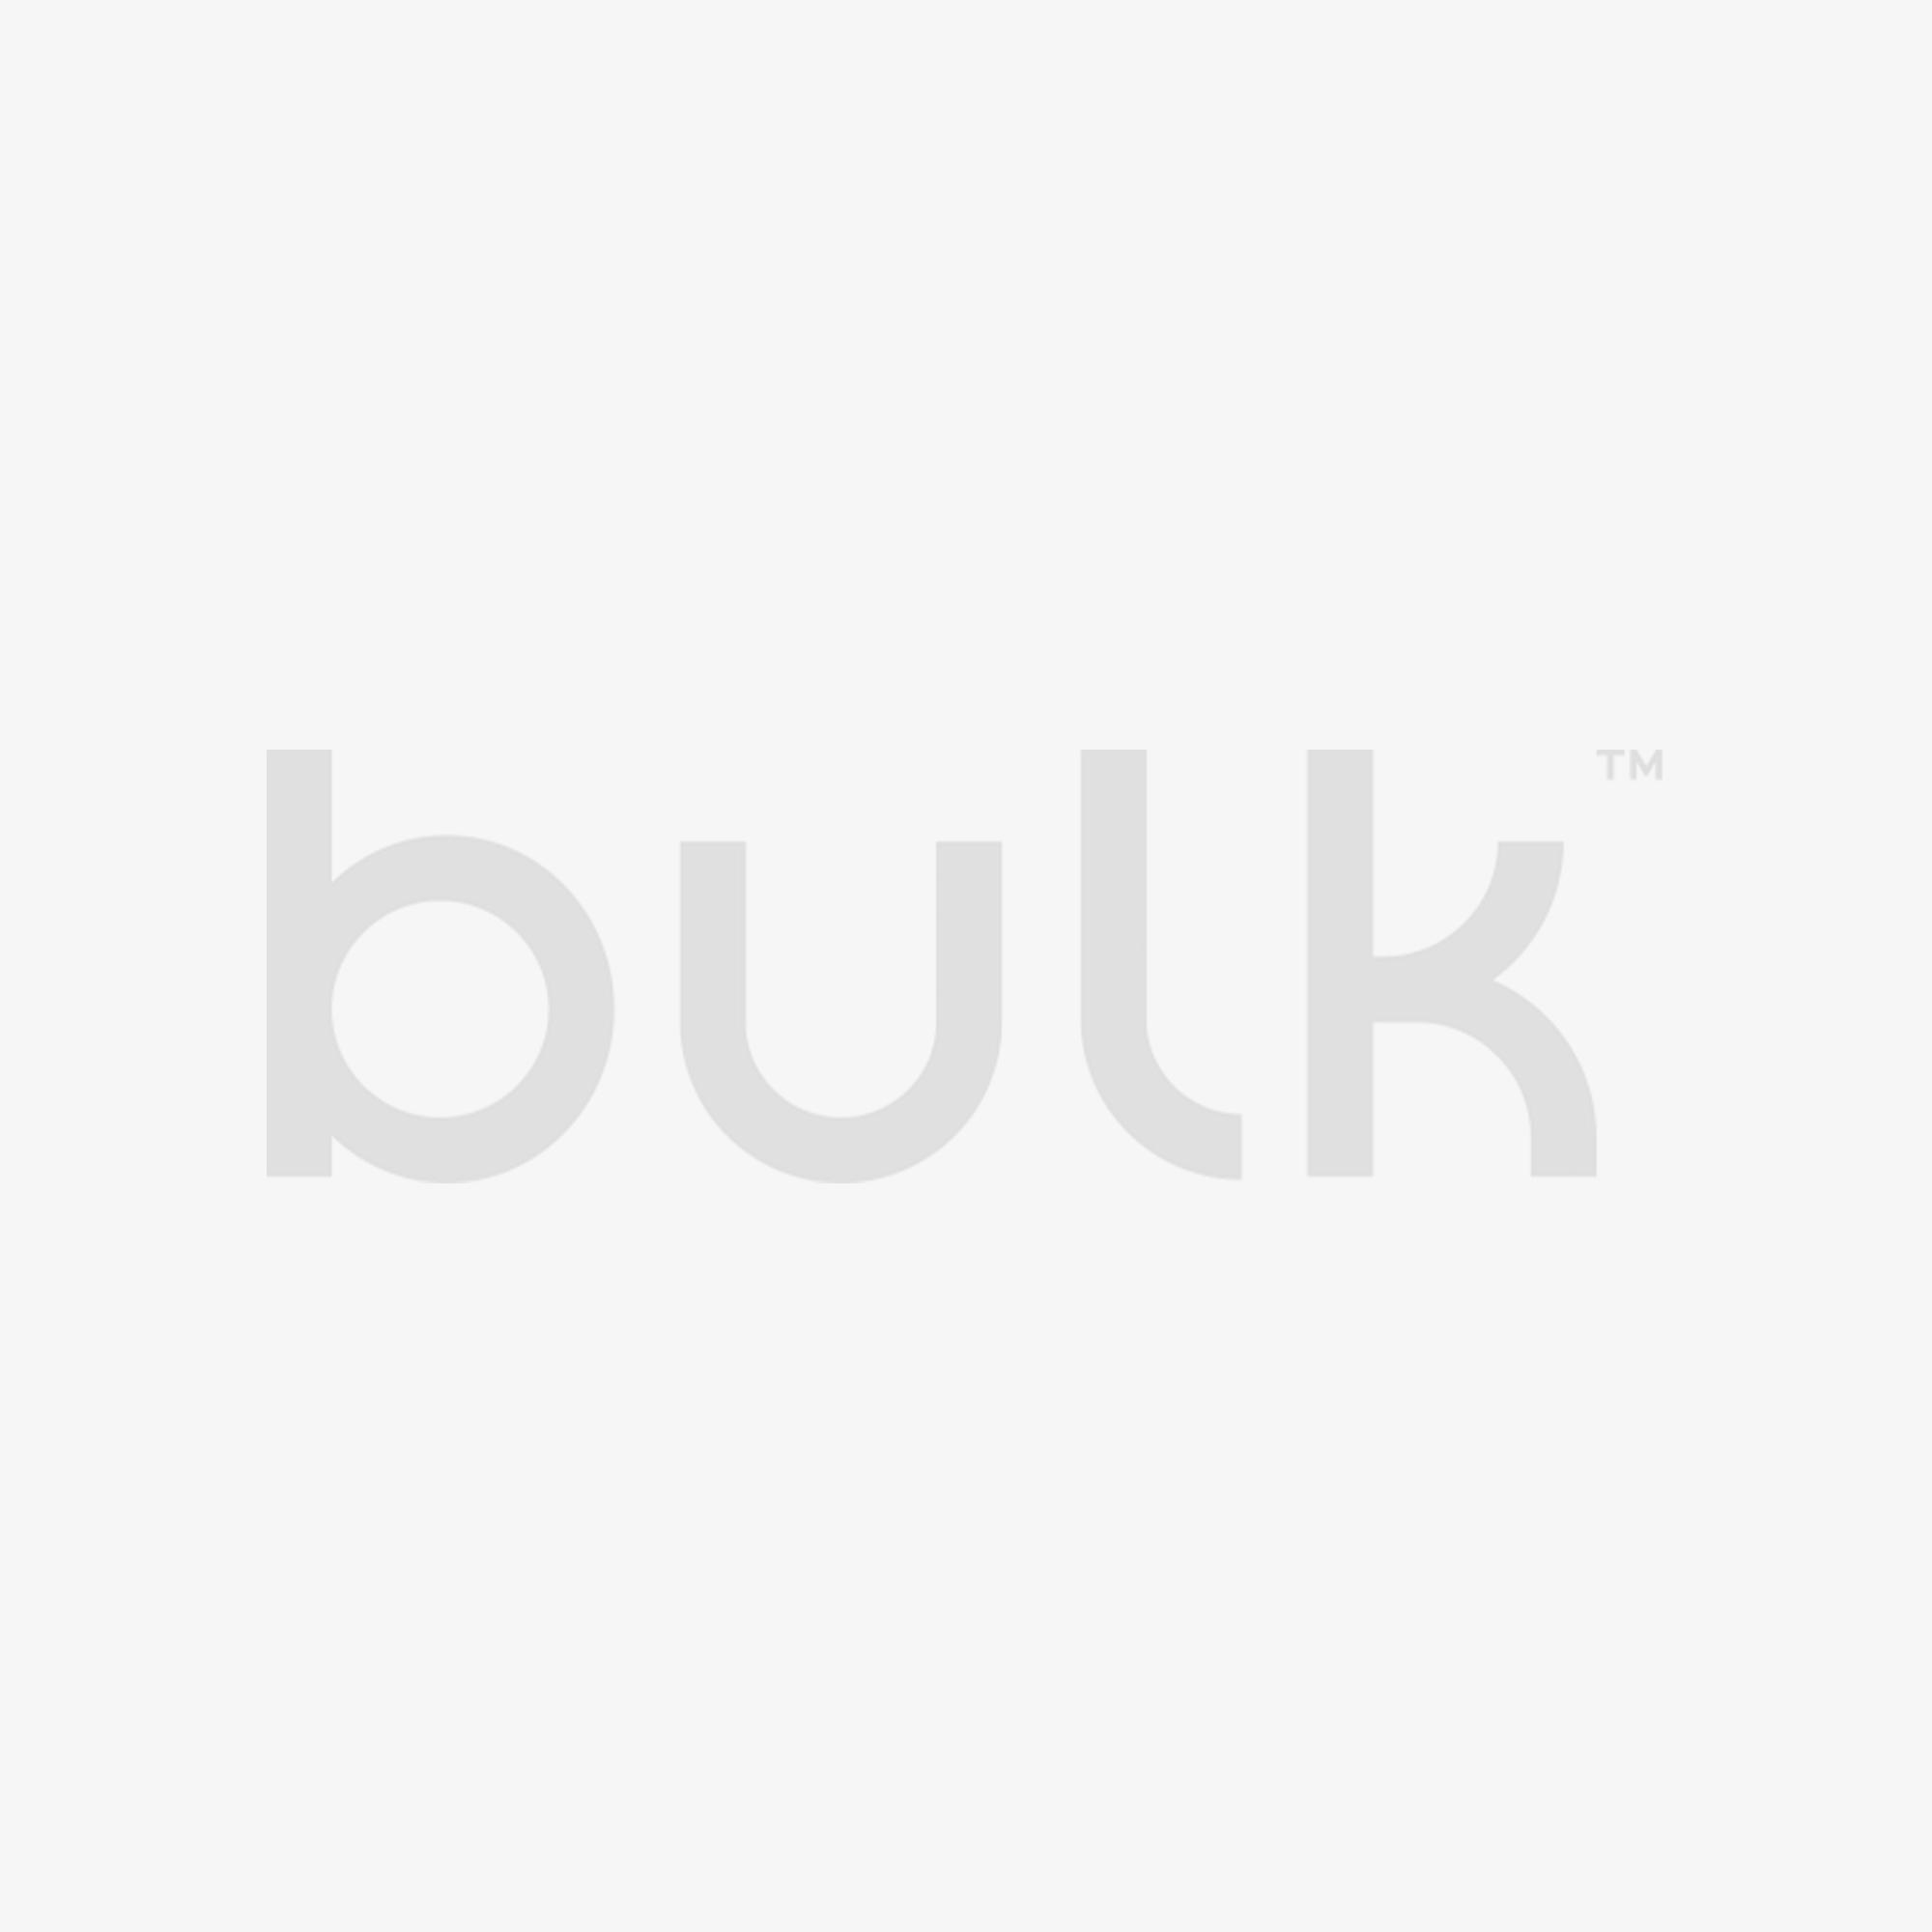 Advanced Fat Loss Bundle - BULK POWDERS